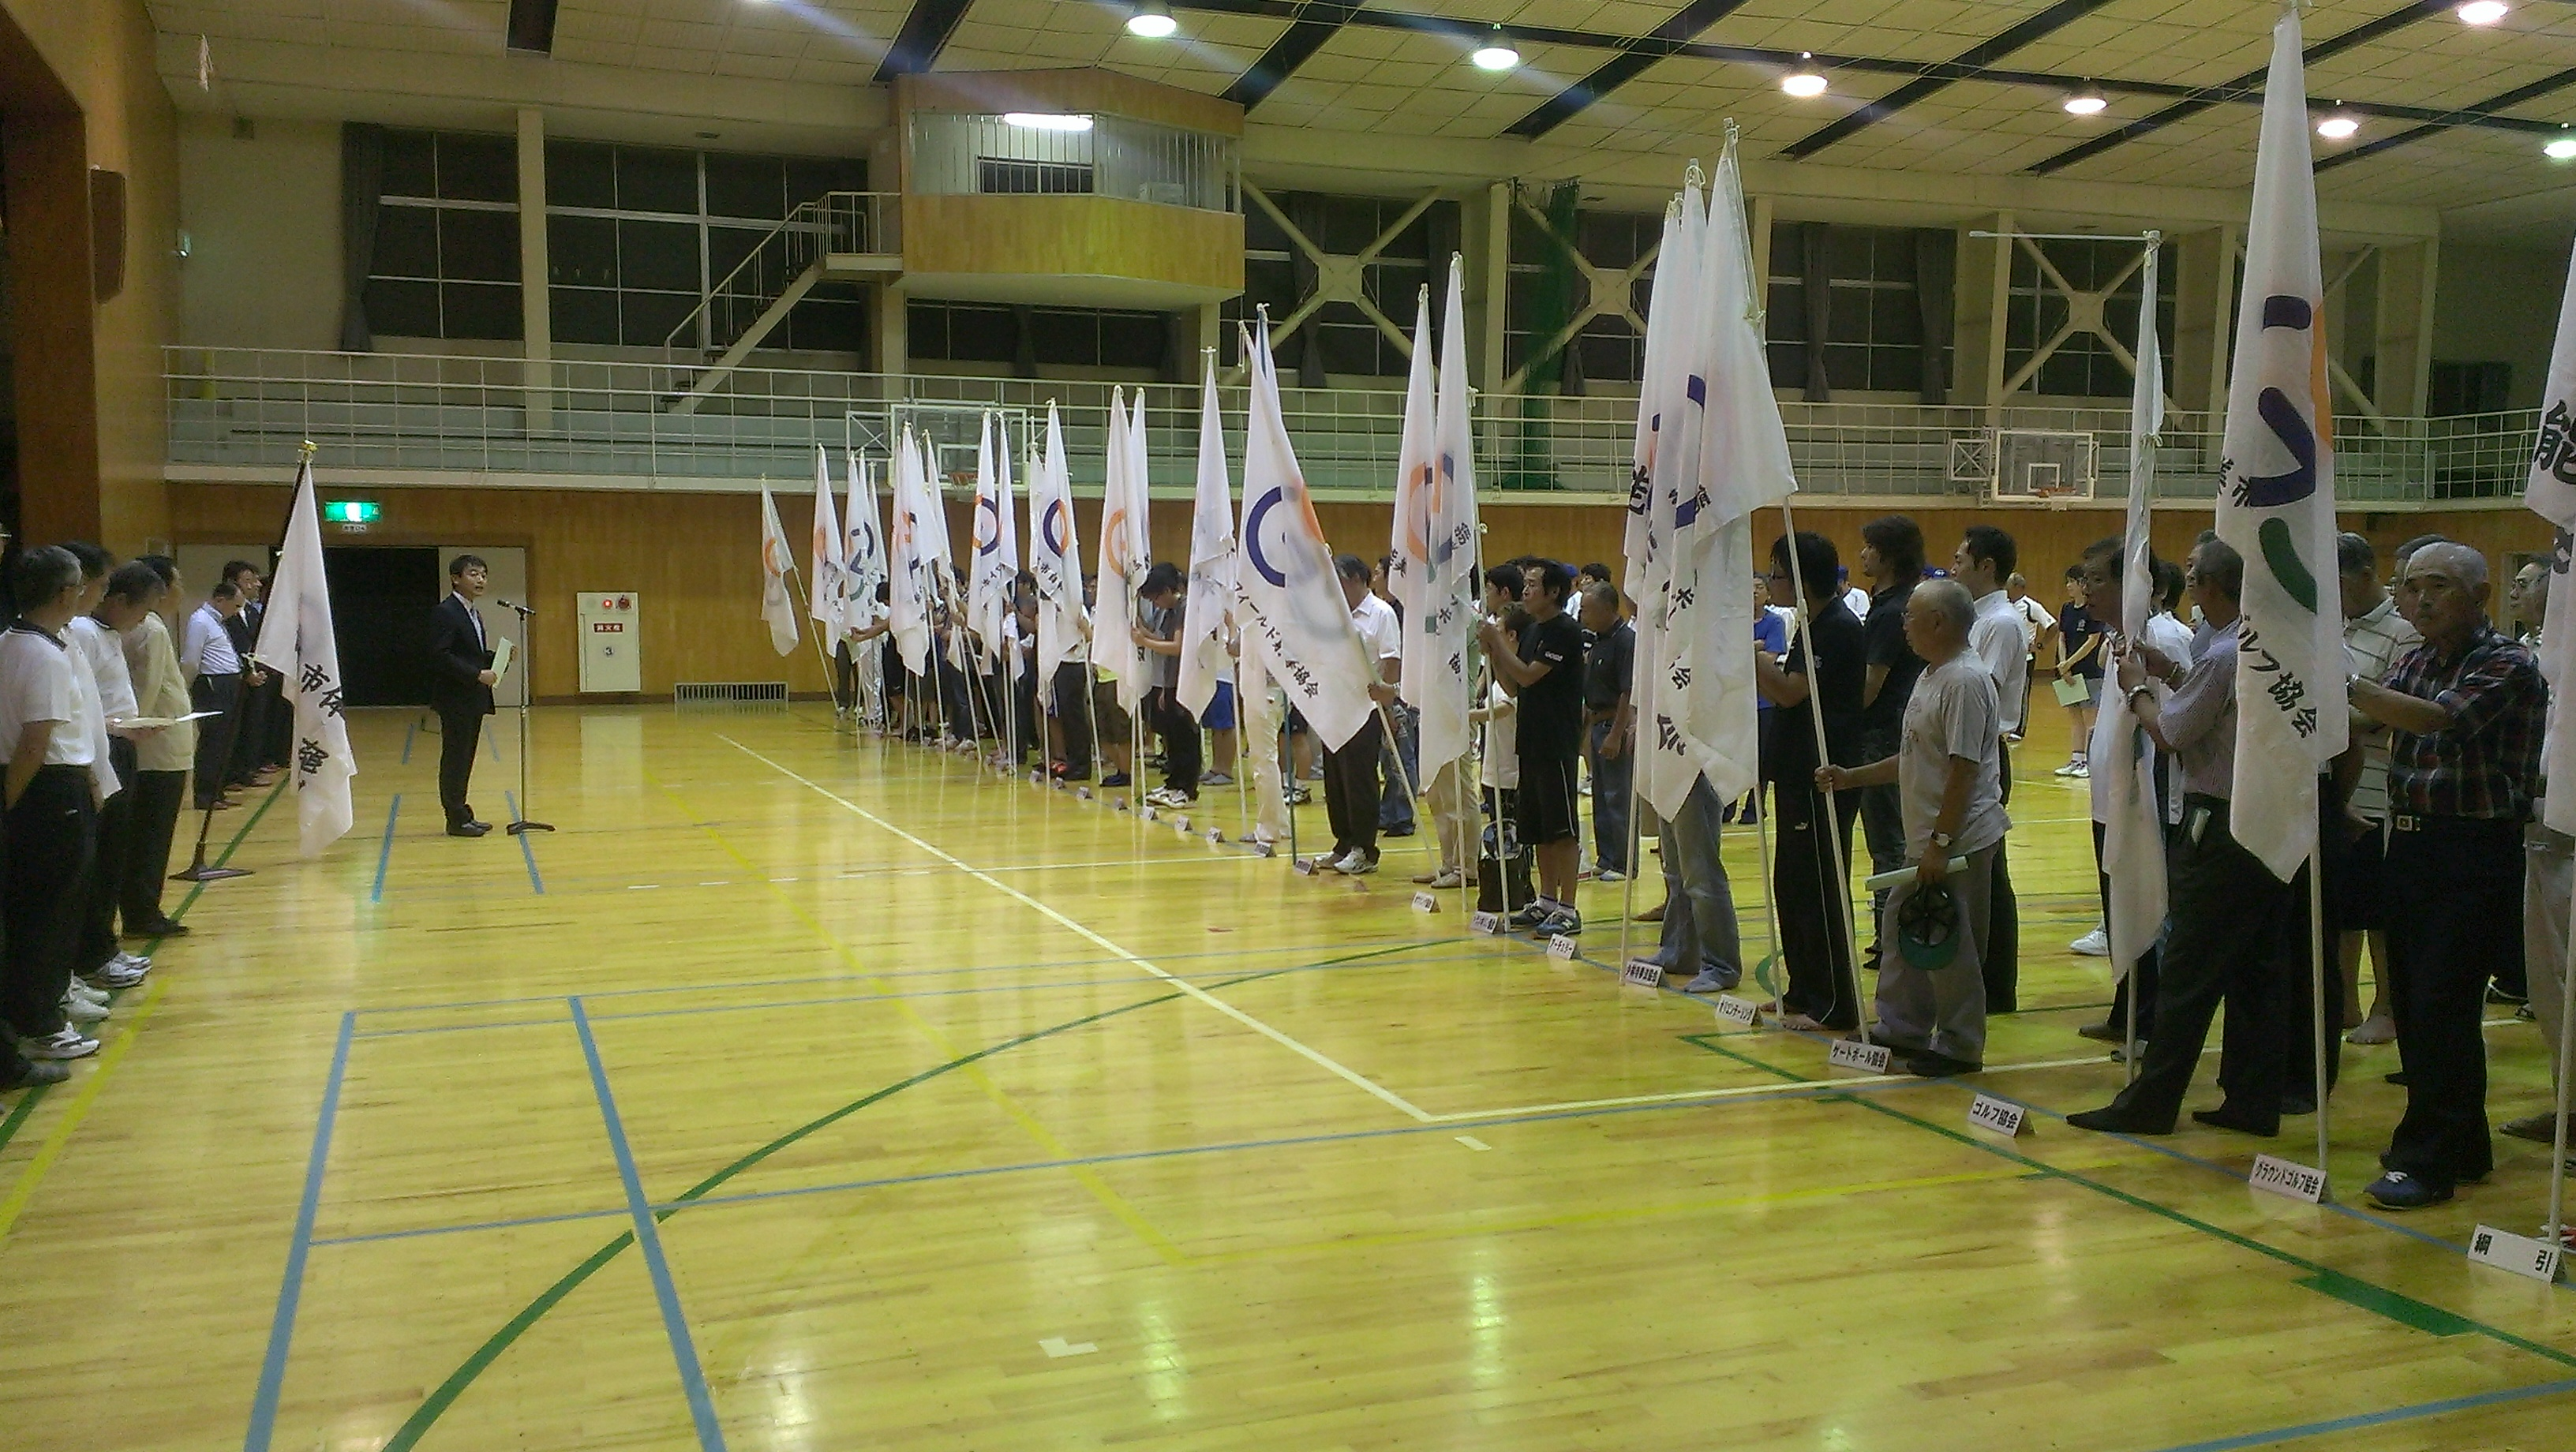 20130802県民体育大会能美市選手団結団式